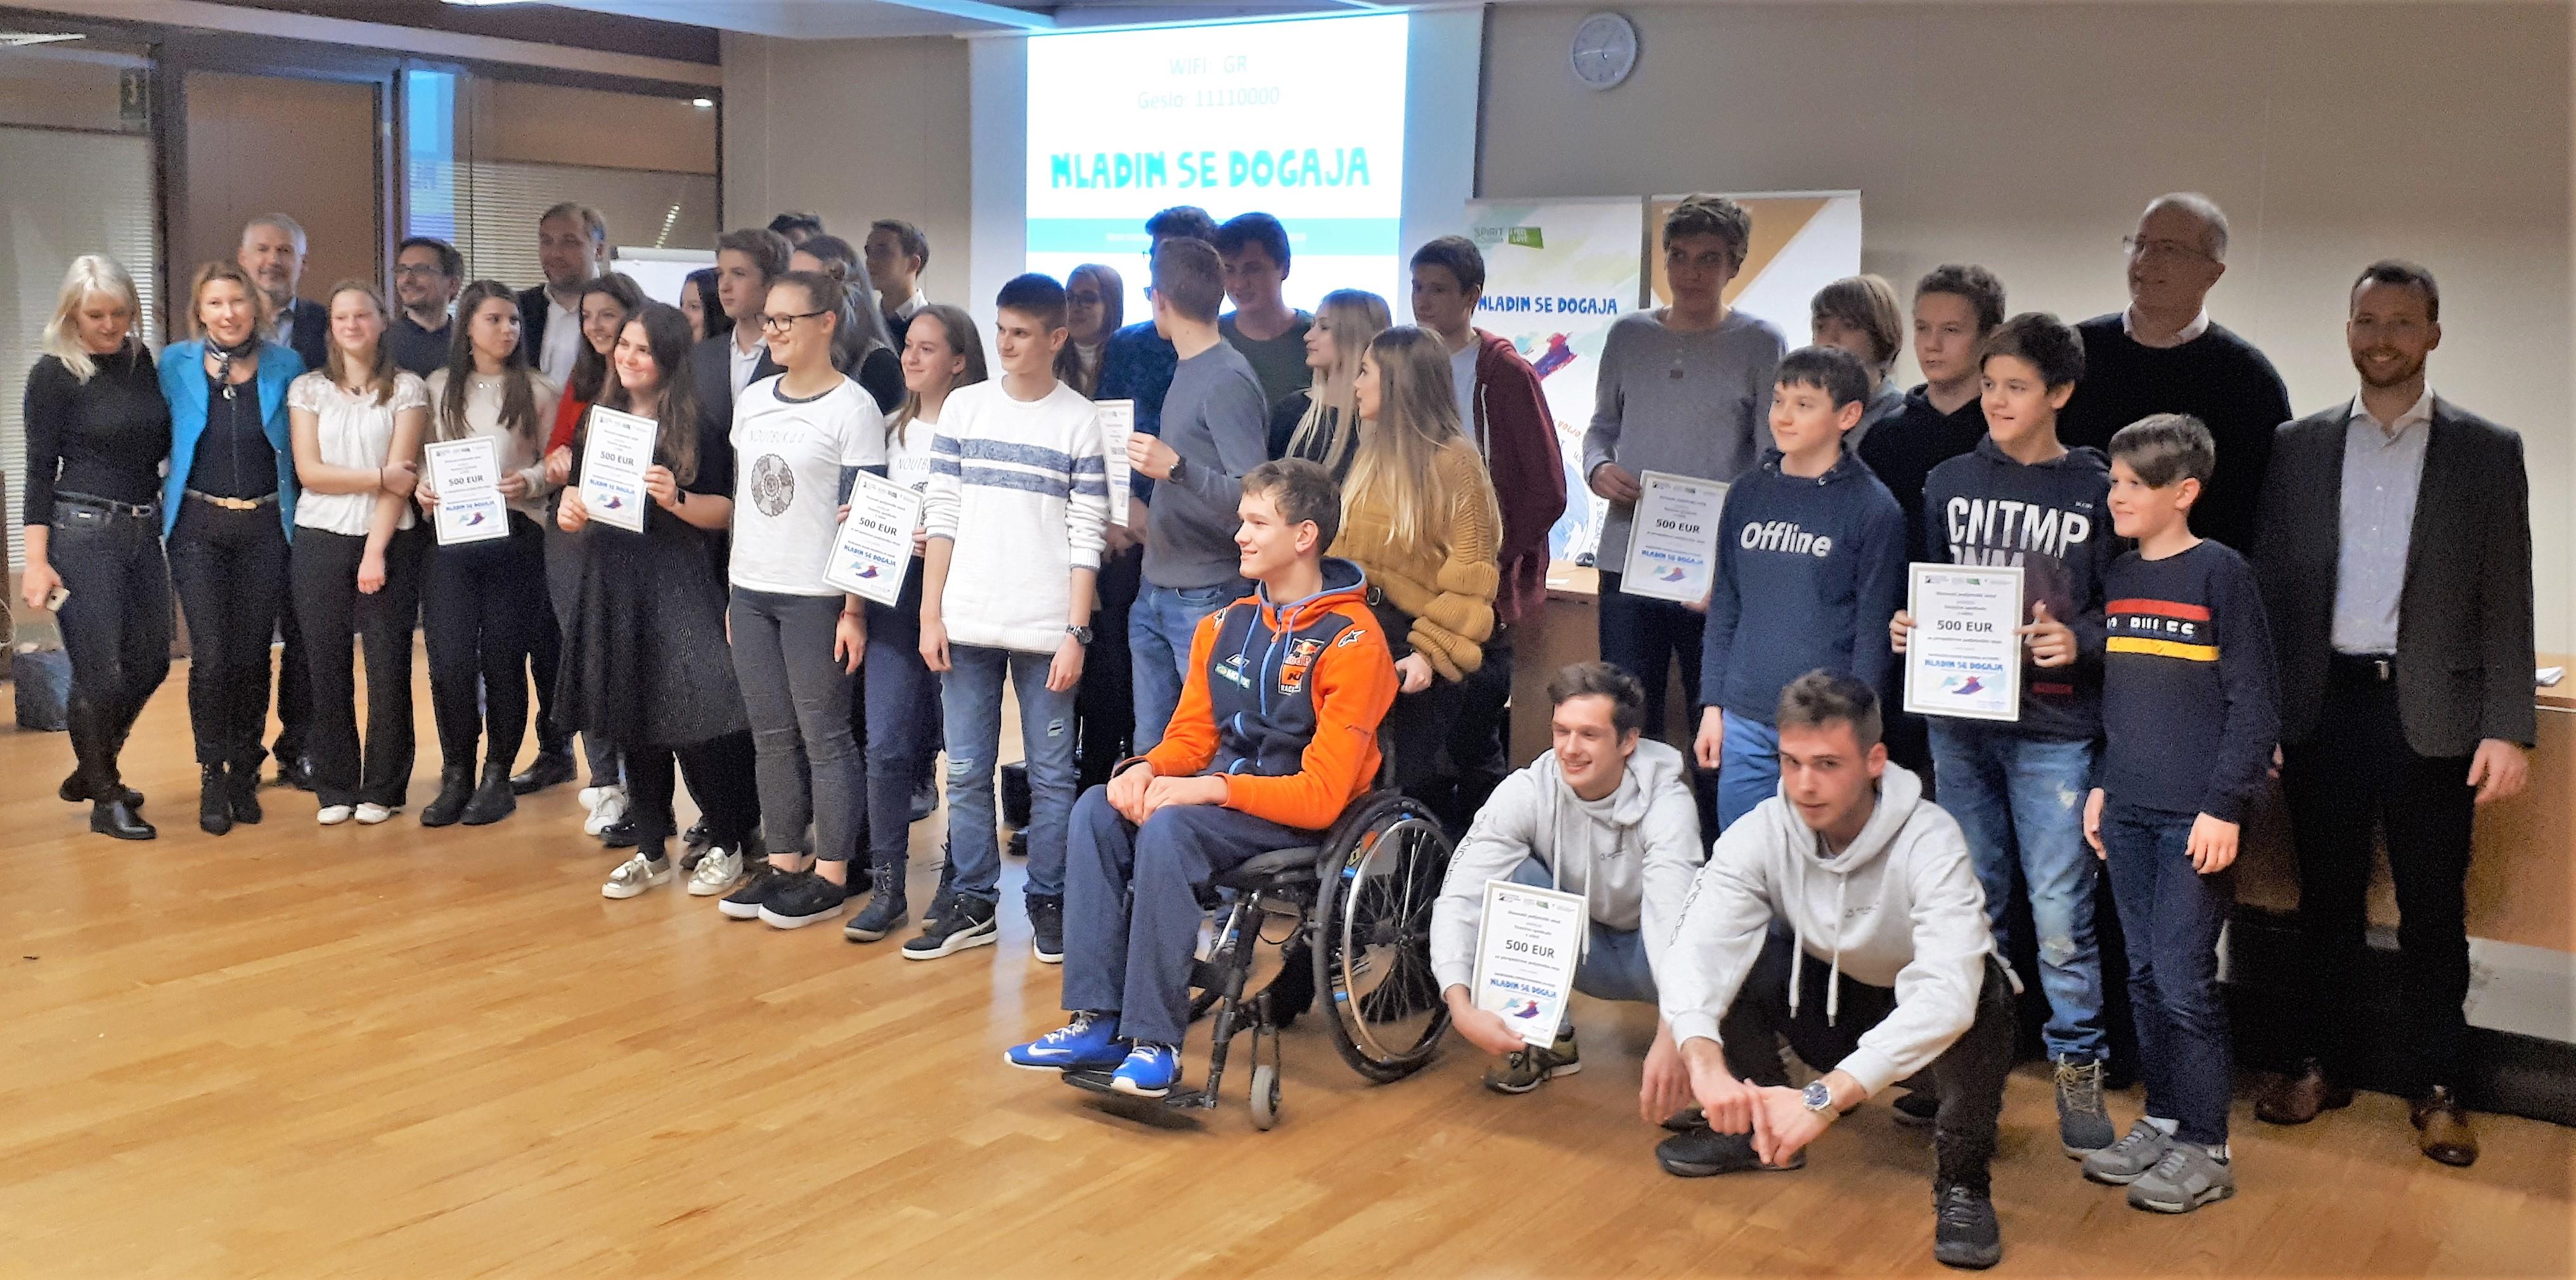 Včeraj je bilo v okviru skupnega projekta javne agencije SPIRIT Slovenija in Slovenskega podjetniška sklada (SPS) »Realizirajmo podjetniške ideje mladih skupaj,« izbranih in nagrajenih deset najbolj perspektivnih dijaških podjetniških idej.